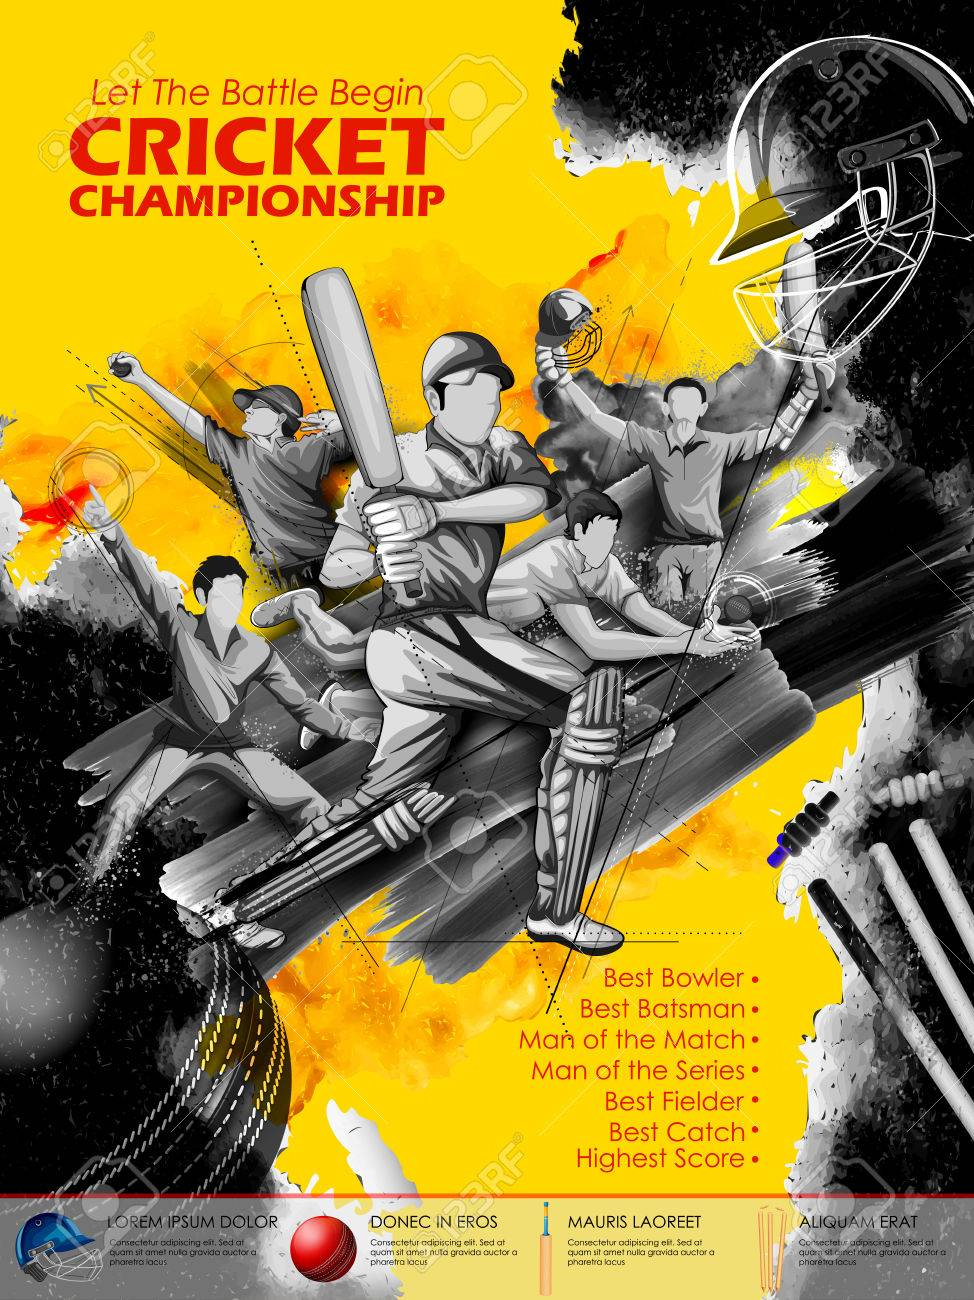 Batsman and bowler playing cricket championship sports. - 76150352